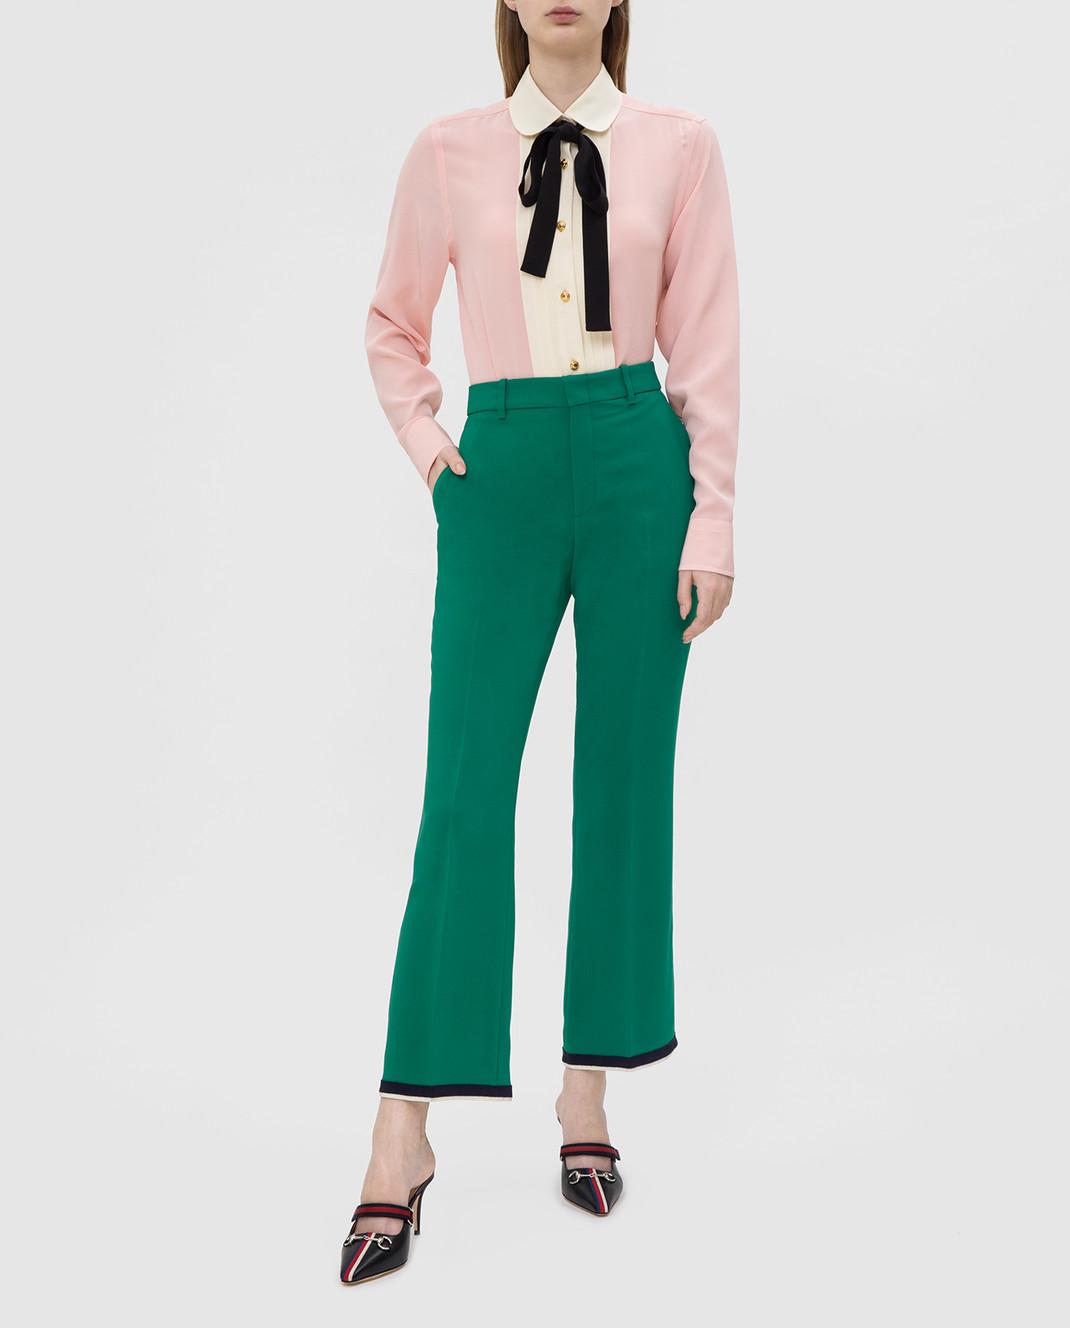 Gucci Розовая рубашка из шелка 544892 изображение 2